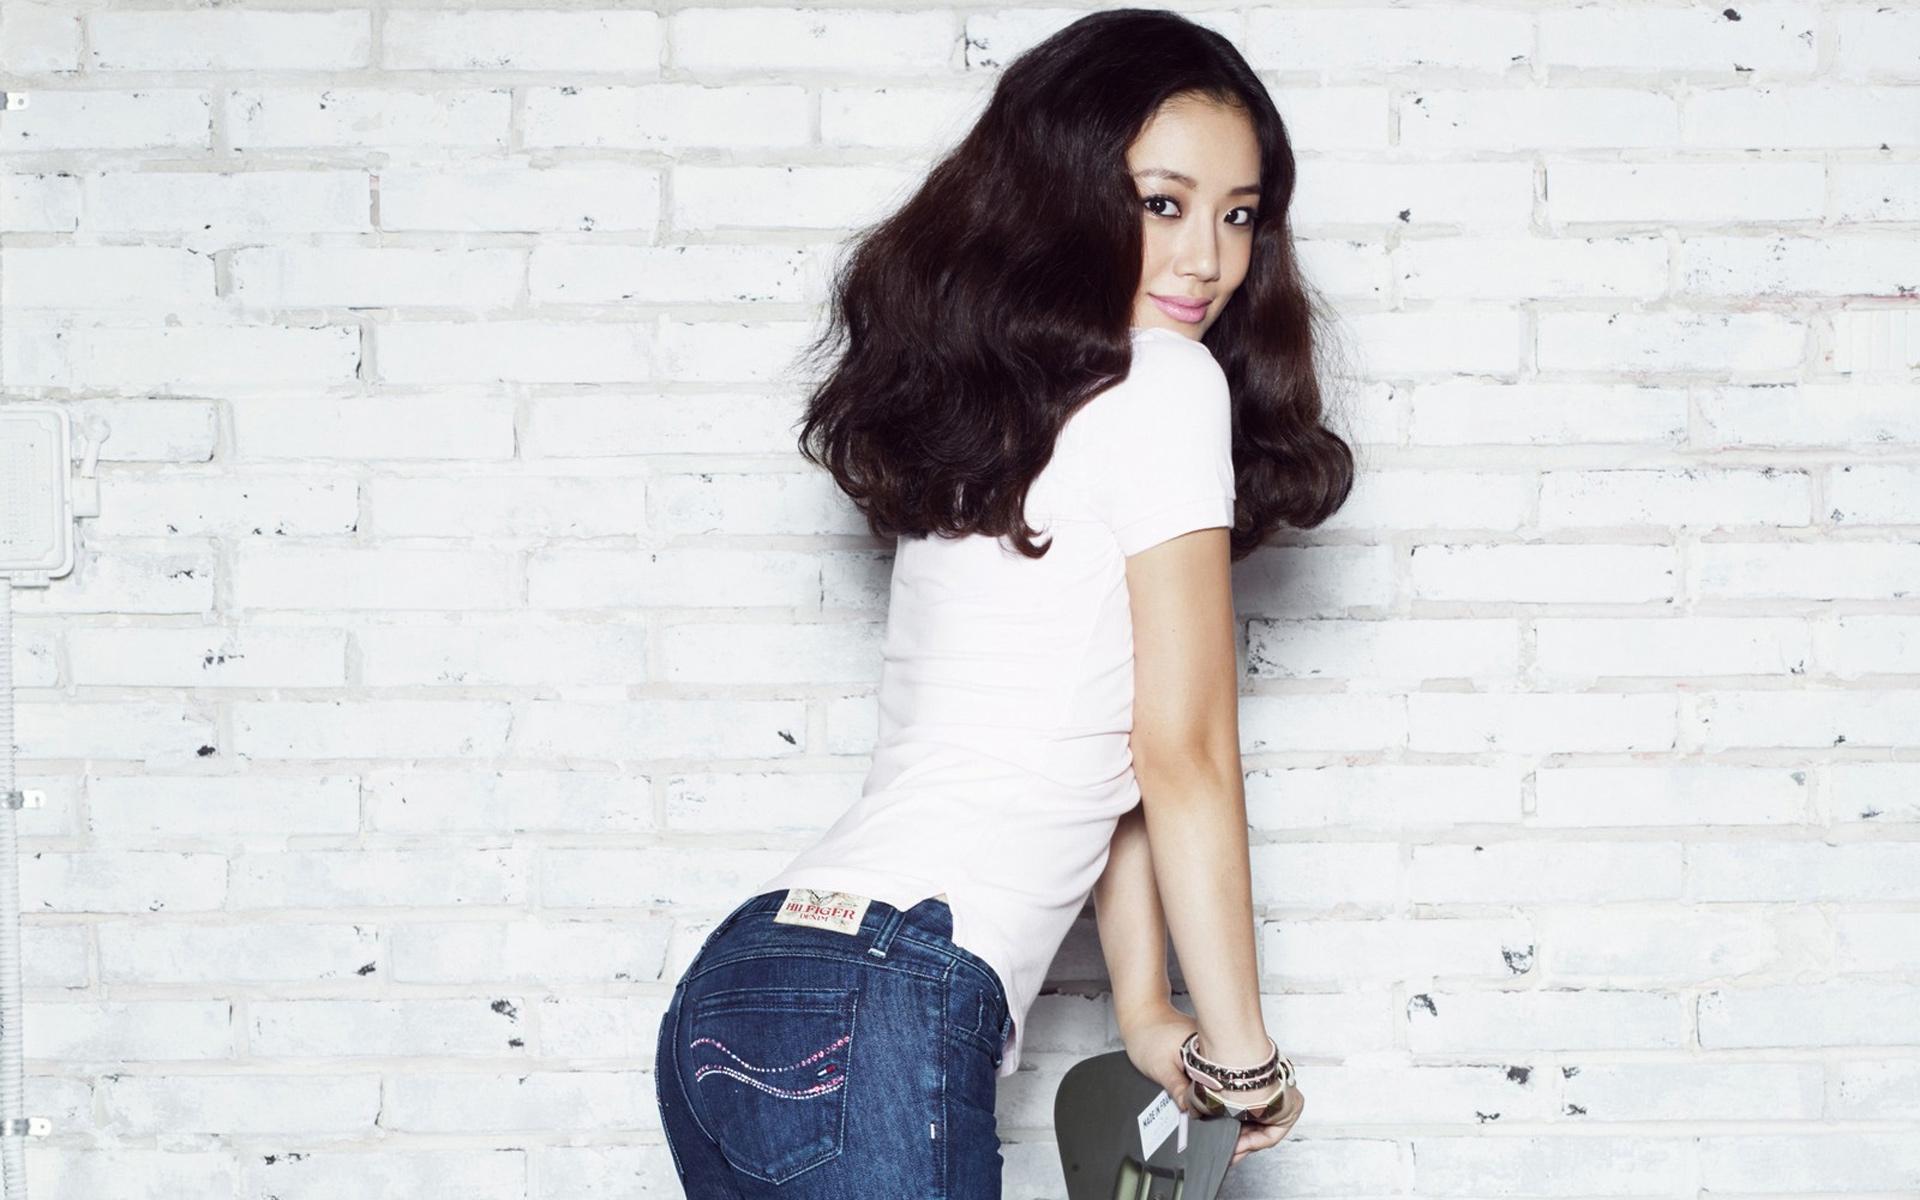 5. 很意外欸~女演員文彩元(28歲)不是走氣質路線的嗎?從來沒想過她身材這麼好!